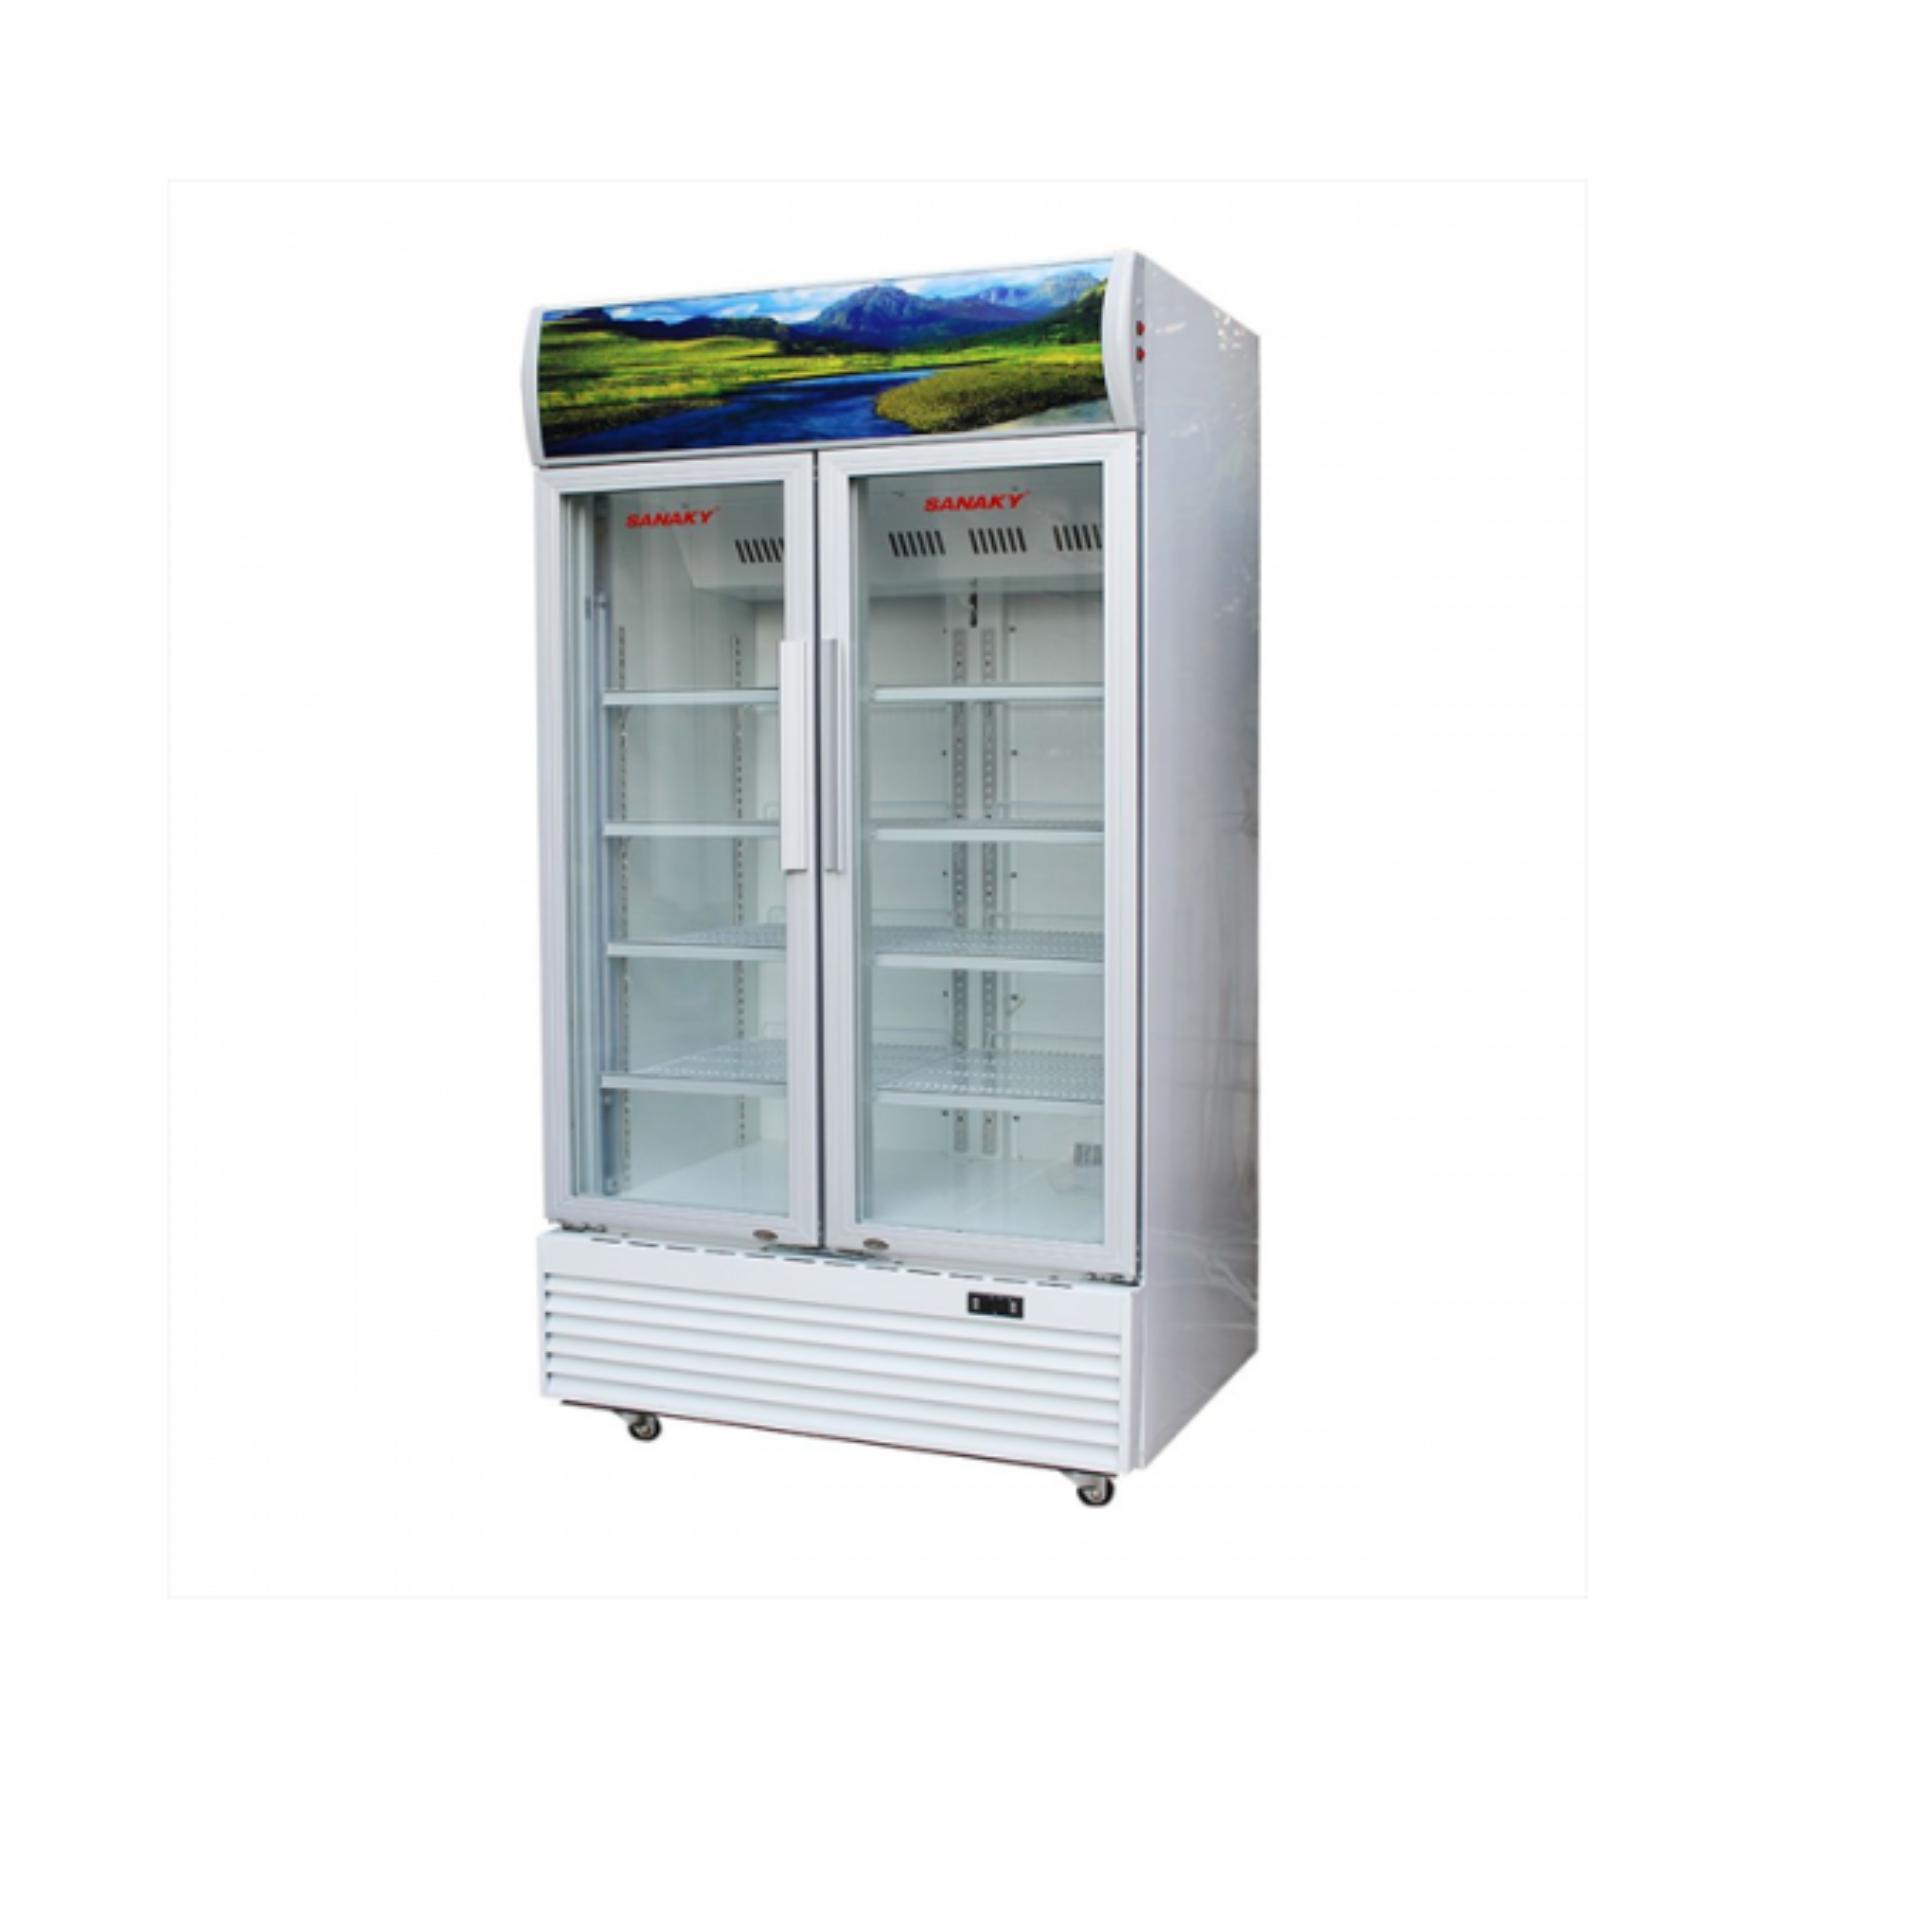 Tủ mát 2 cửa Sanaky VH-1209HPNK (1200 lít)